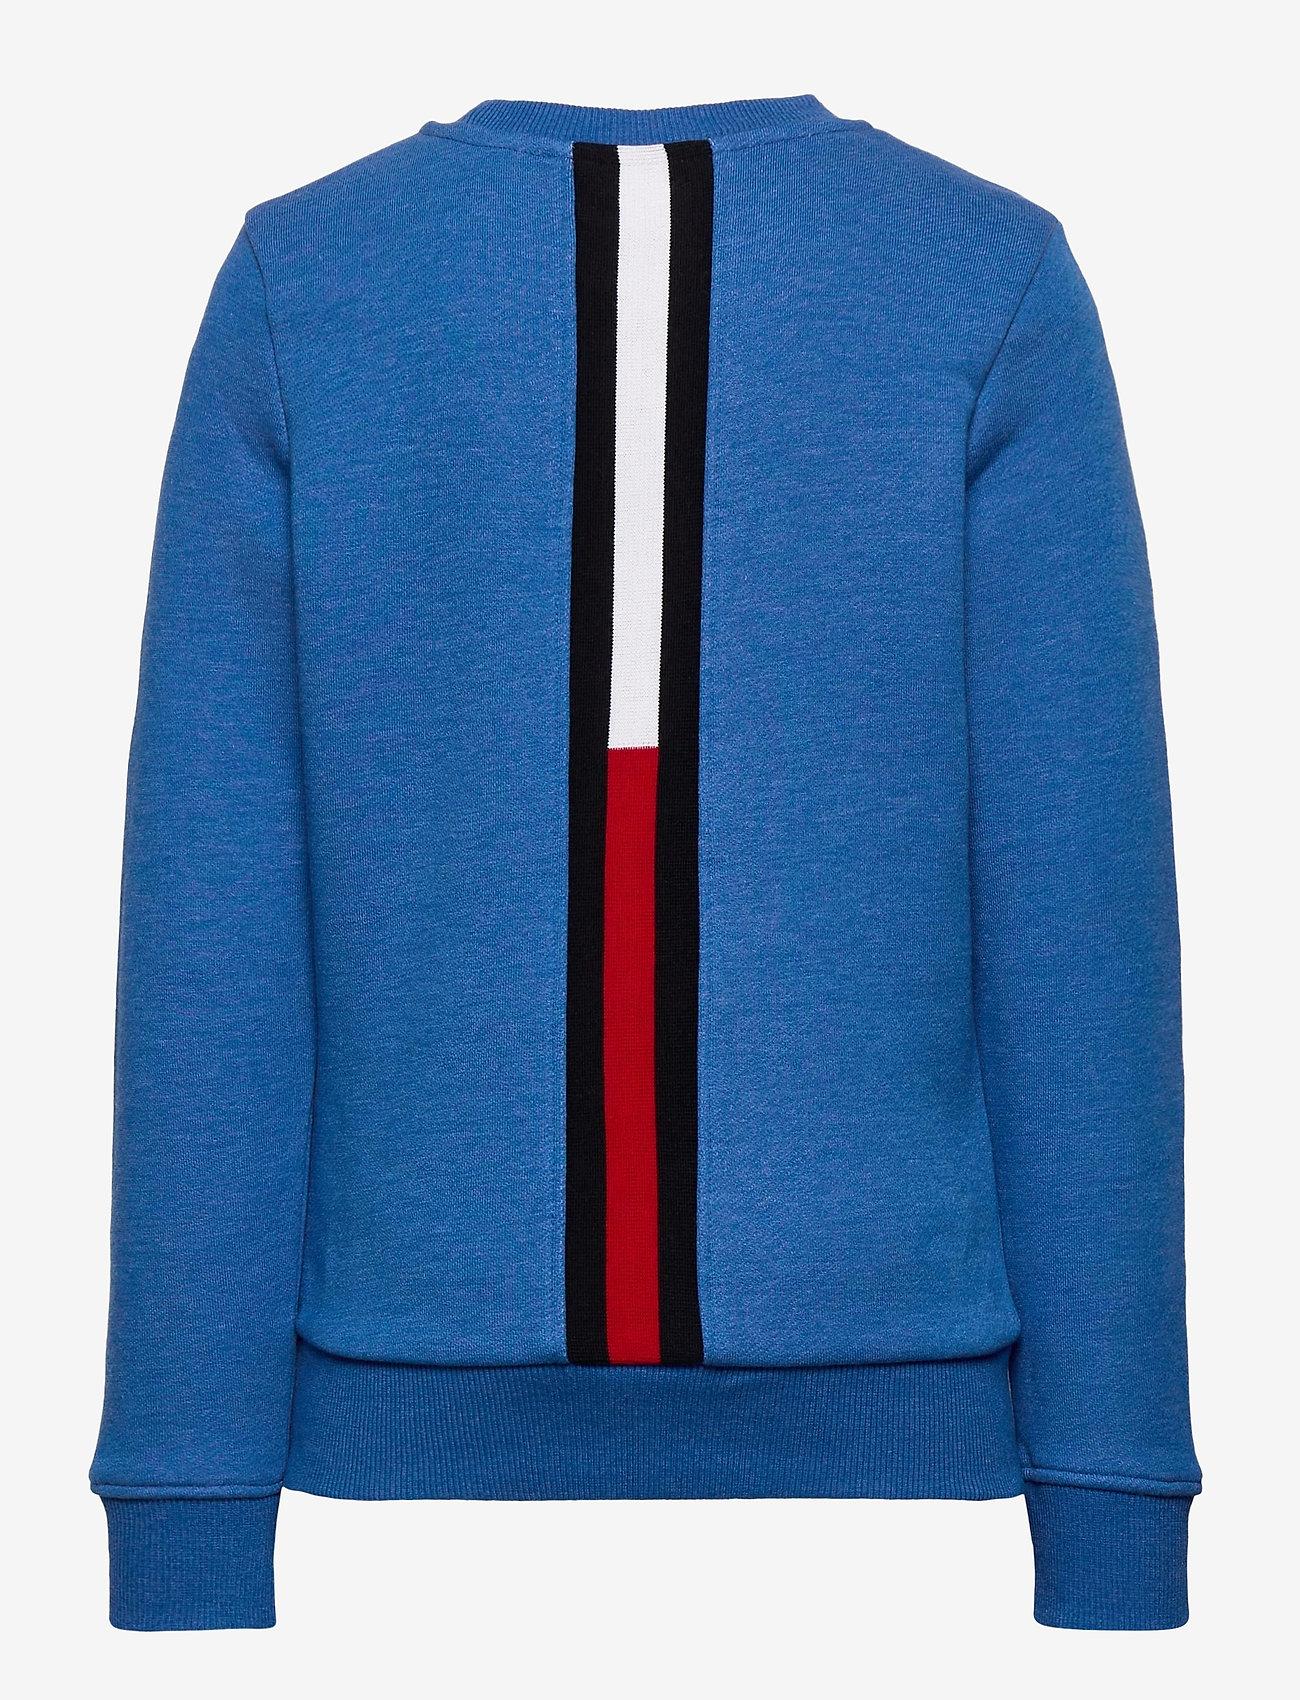 Tommy Hilfiger - BACK INSERT CN SWEATSHIRT - sweatshirts - dynamic blue - 1